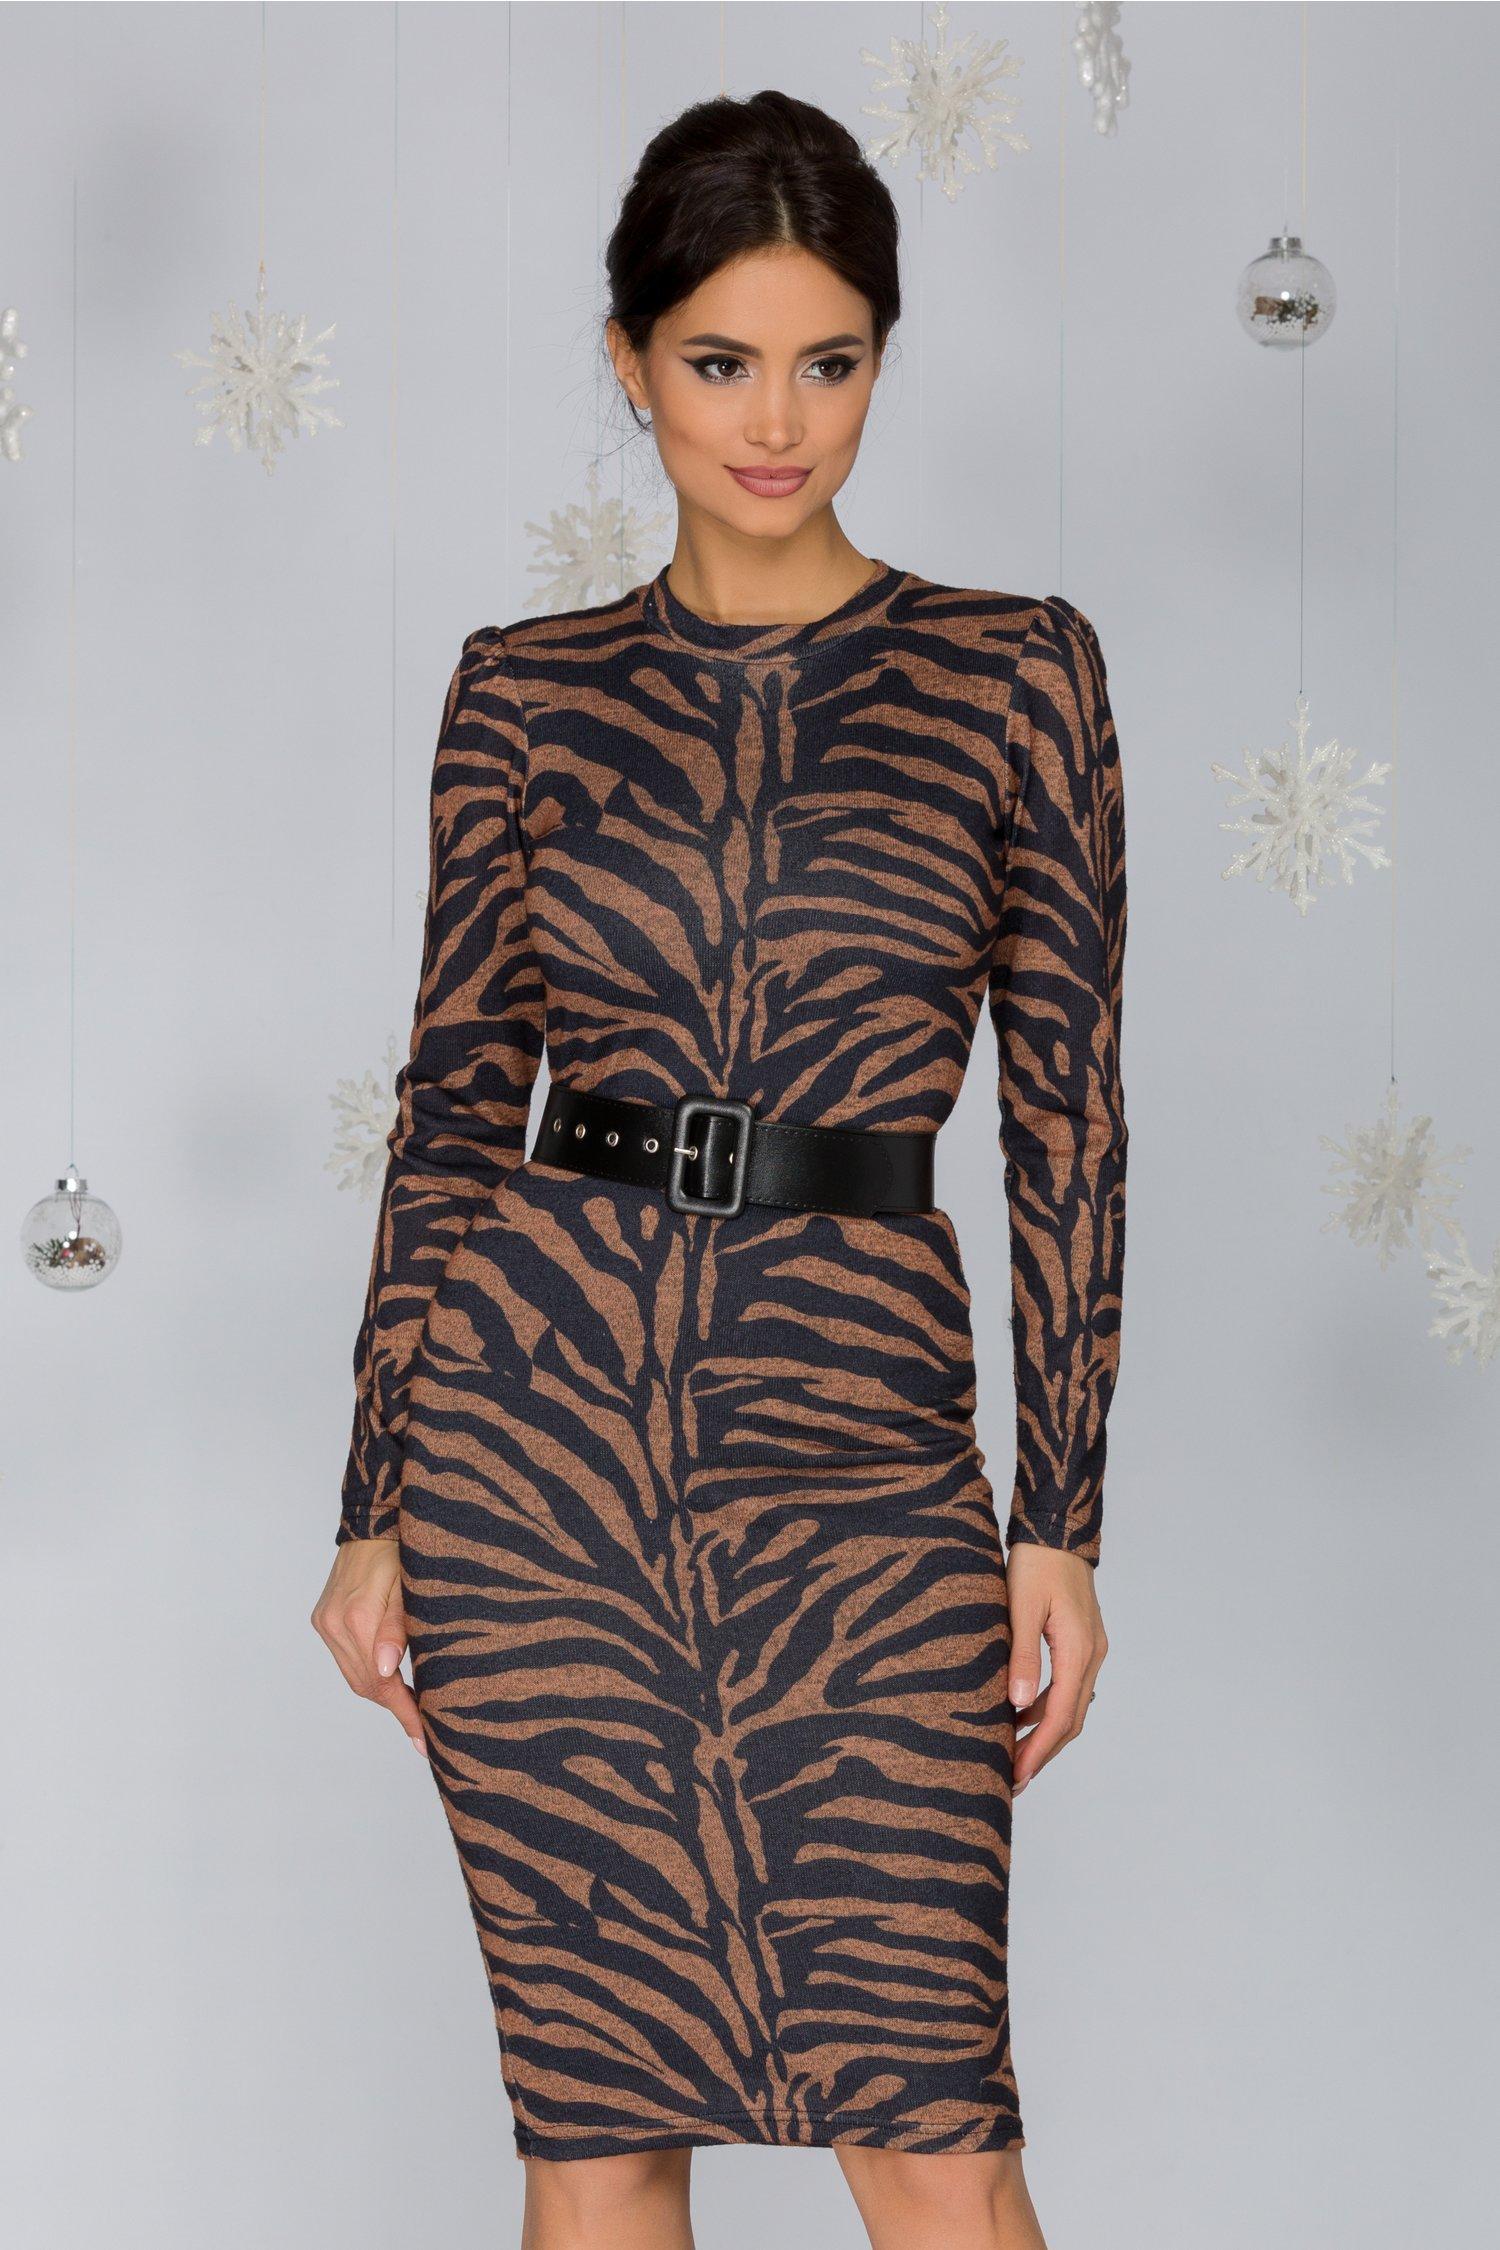 Rochie Oxana cu imprimeu stil zebra in nuante de gri si maro